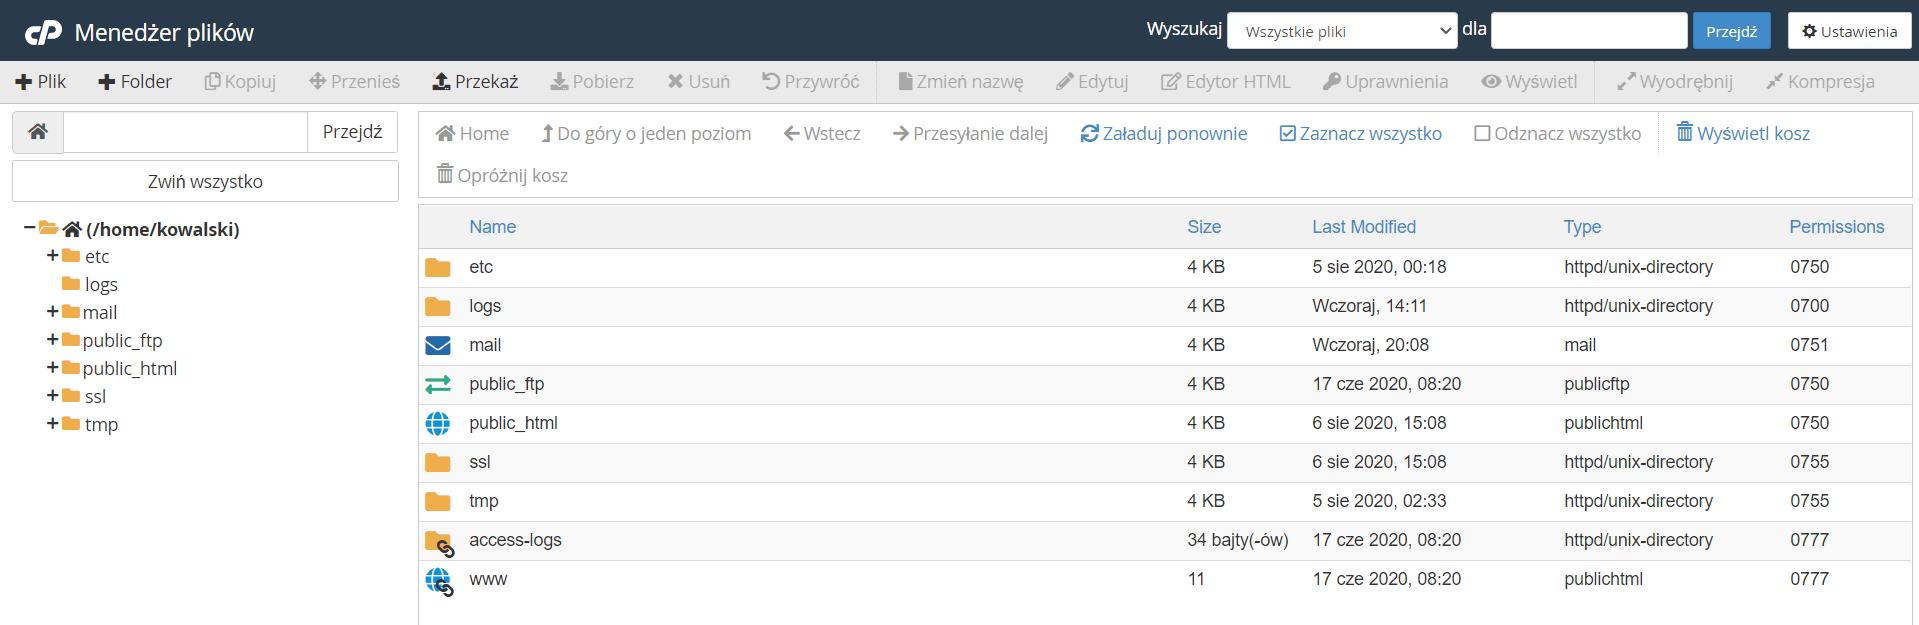 Jak włączyć wyświetlanie ukrytych plików w menadżerze plików w cPanel?